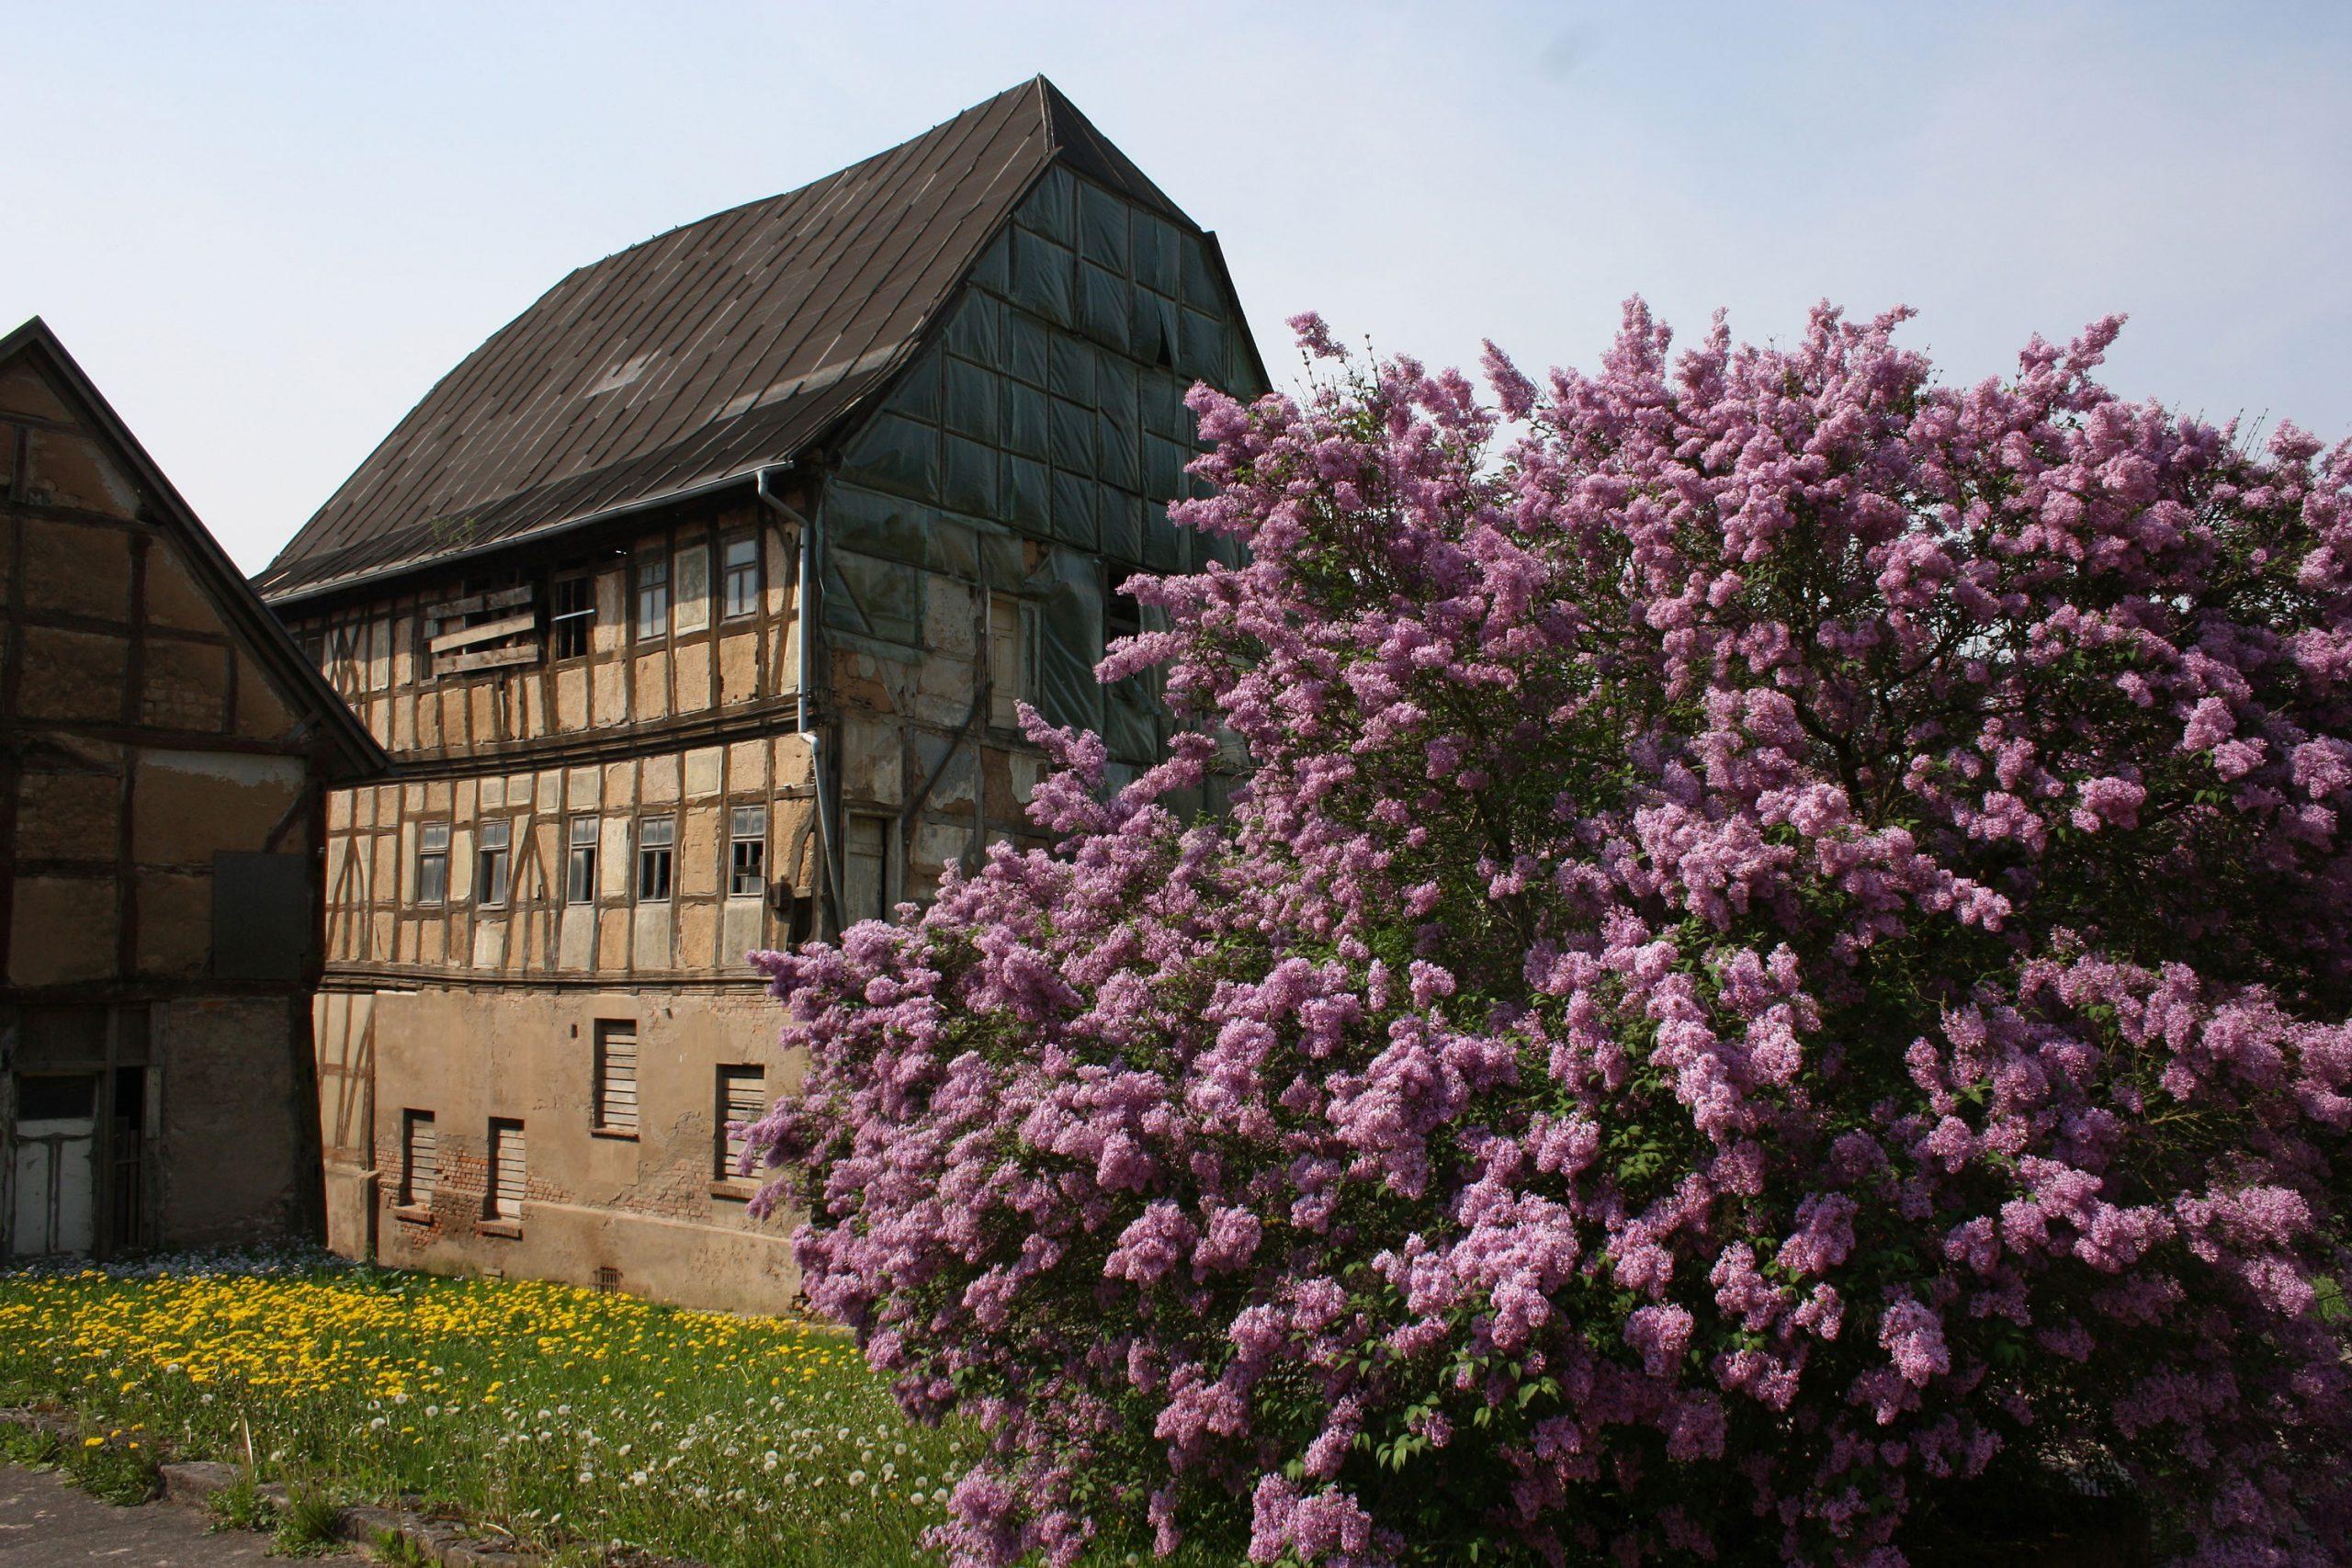 Hessischer Hof Treffurt